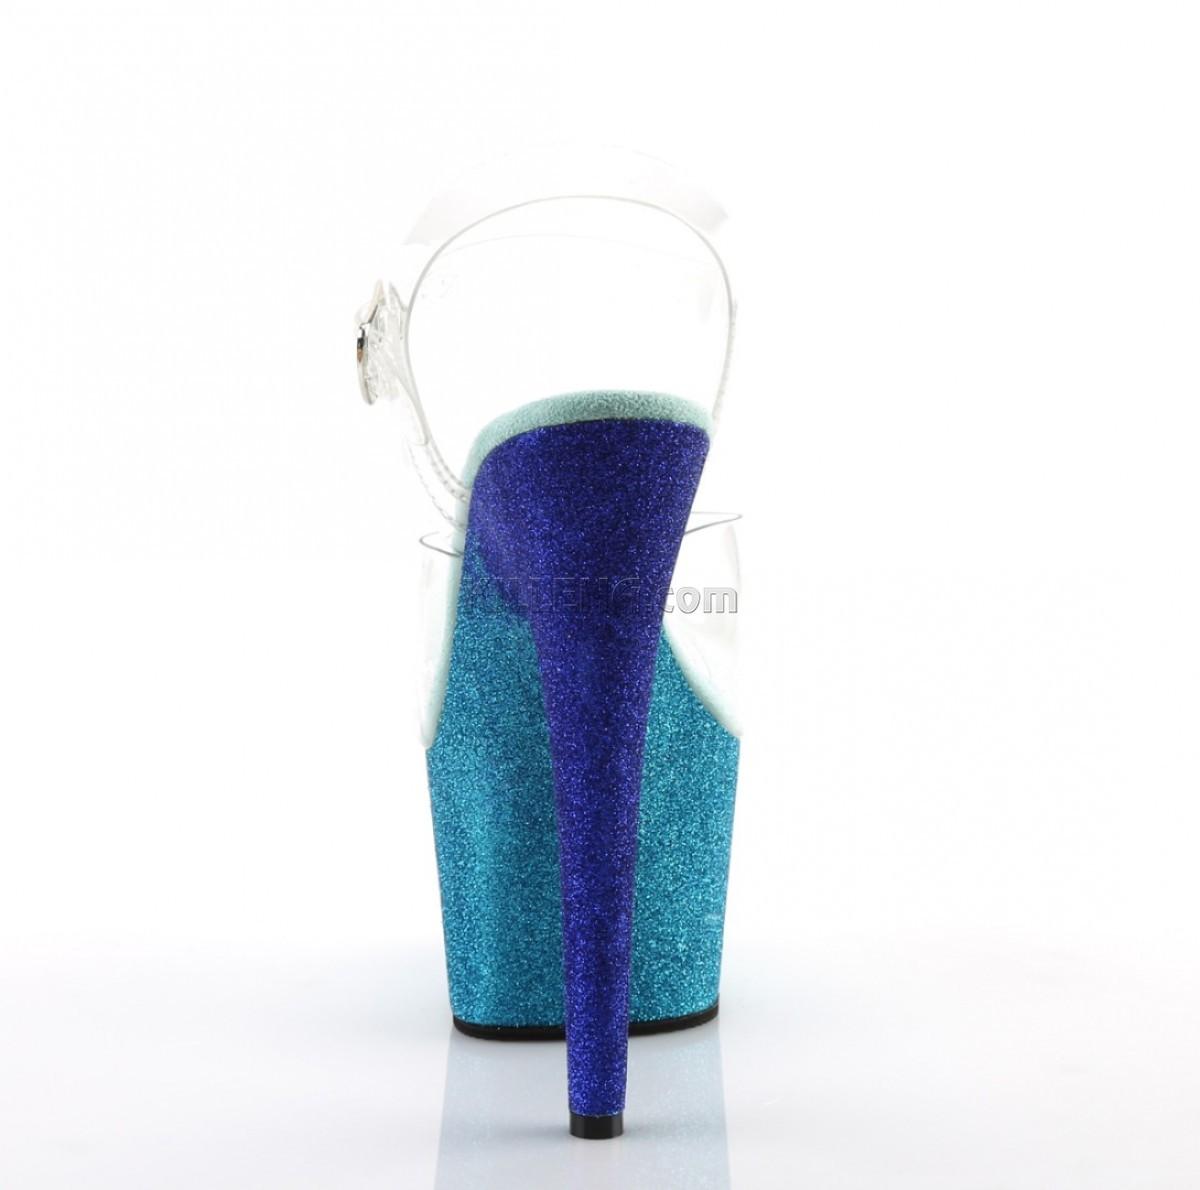 Стрипы с платформой омбре покрытой блёстками сине-бирюзового цвета